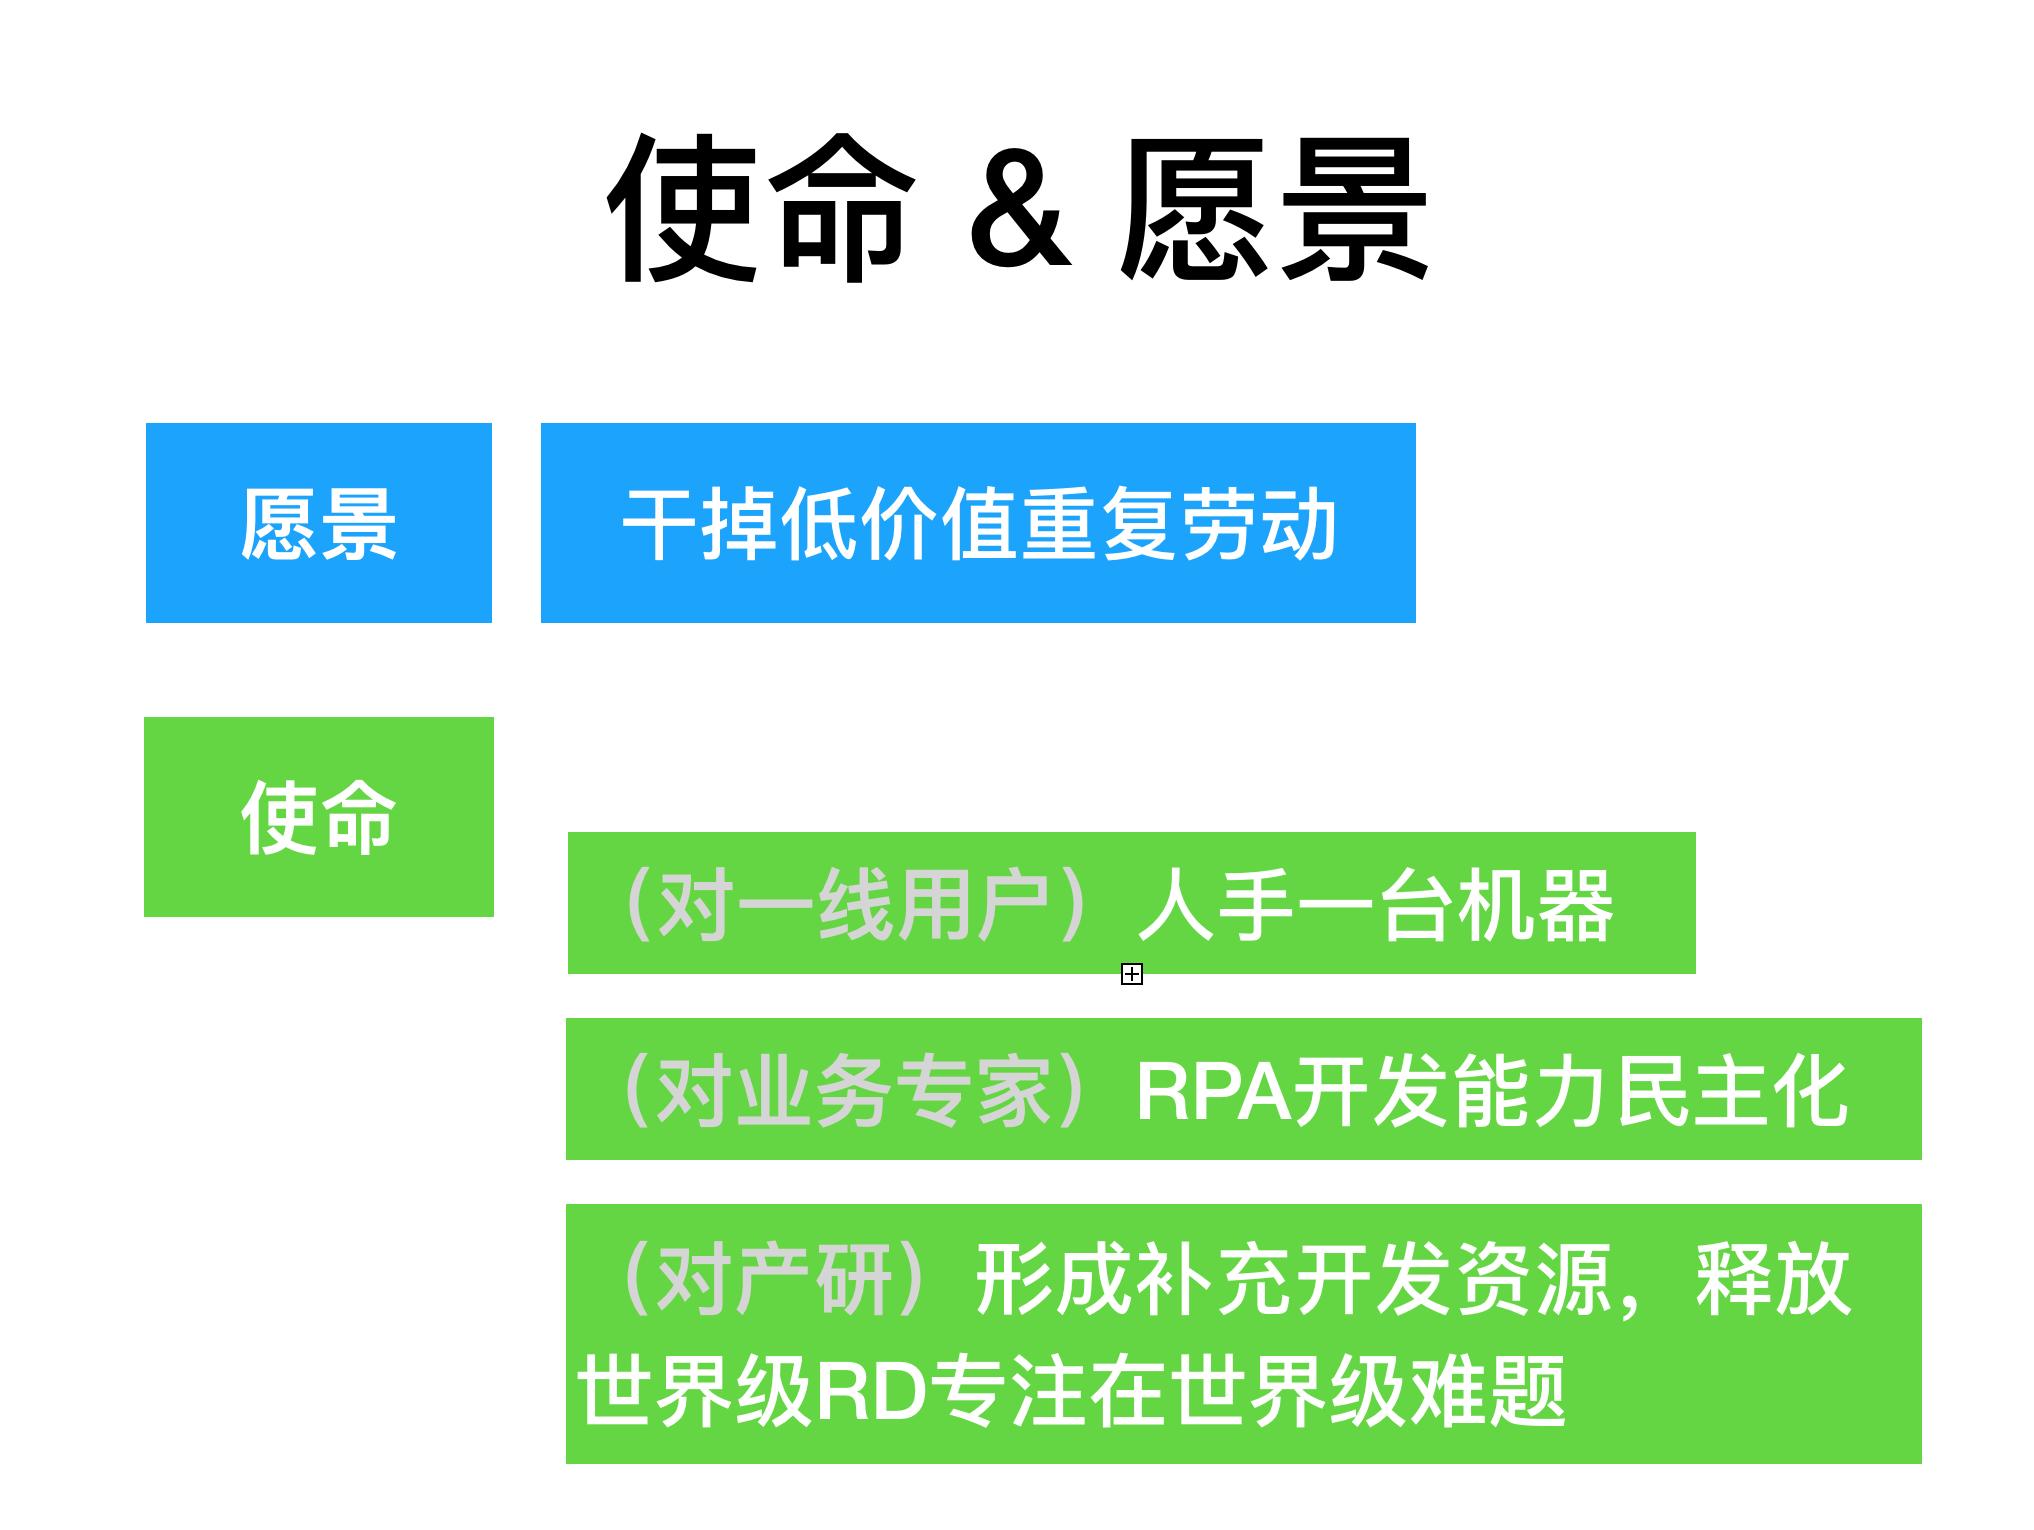 RPA(虚拟员工)在互联网公司的应用插图(5)